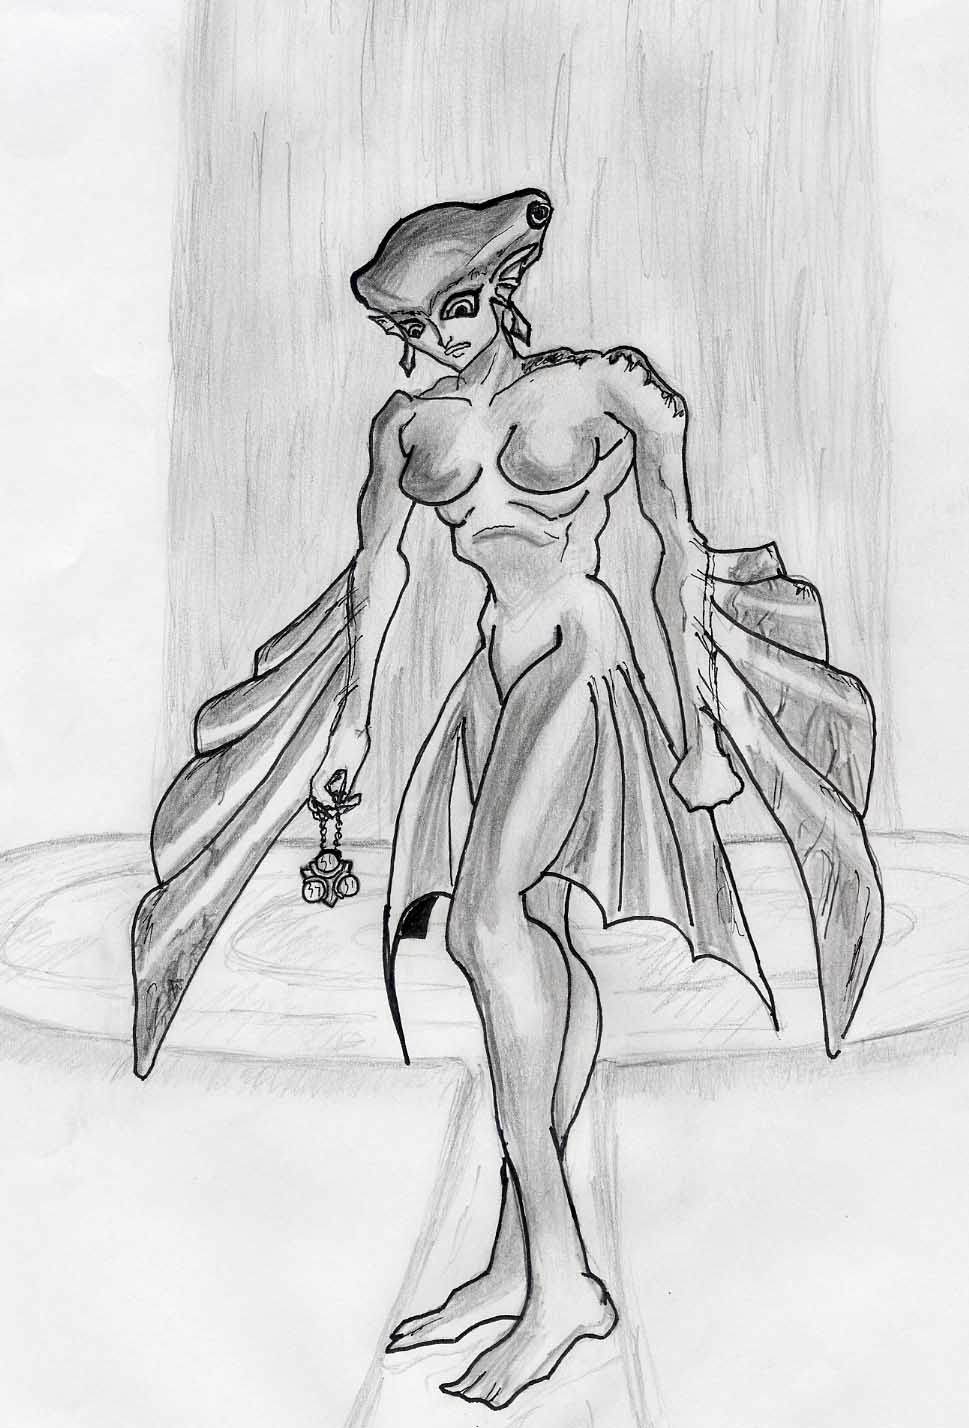 Princess Ruto by Philcom